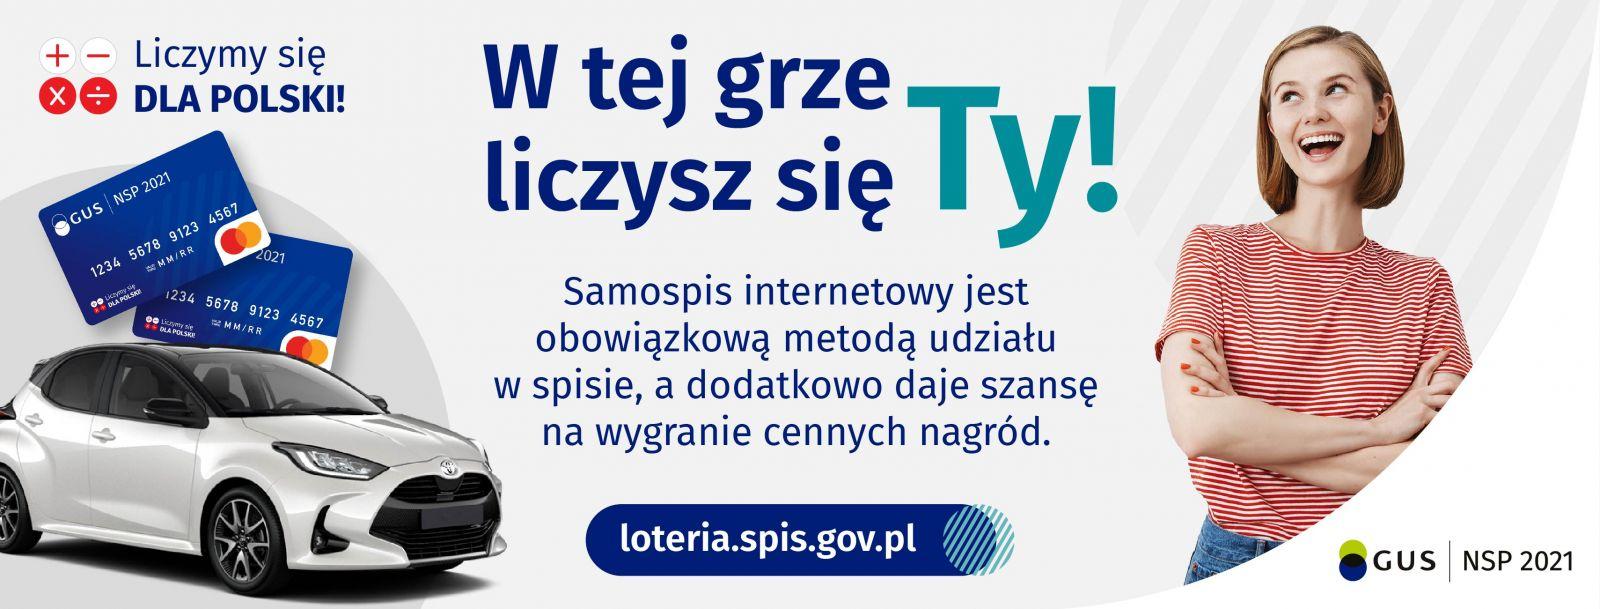 Plakat zawierający informacje: Liczymy się dla Polski! W tej grze liczysz się tylko Ty!Samospis internetowy jest obowiązkową metodą udziału w spisie, a dodatkowo daje szansę na wygranie cennych nagród! Poniżej podana została strona interenetowa: loteria.spis.gov.pl Na plakacie znajduje się także poglądowe zdjęcie samochodu